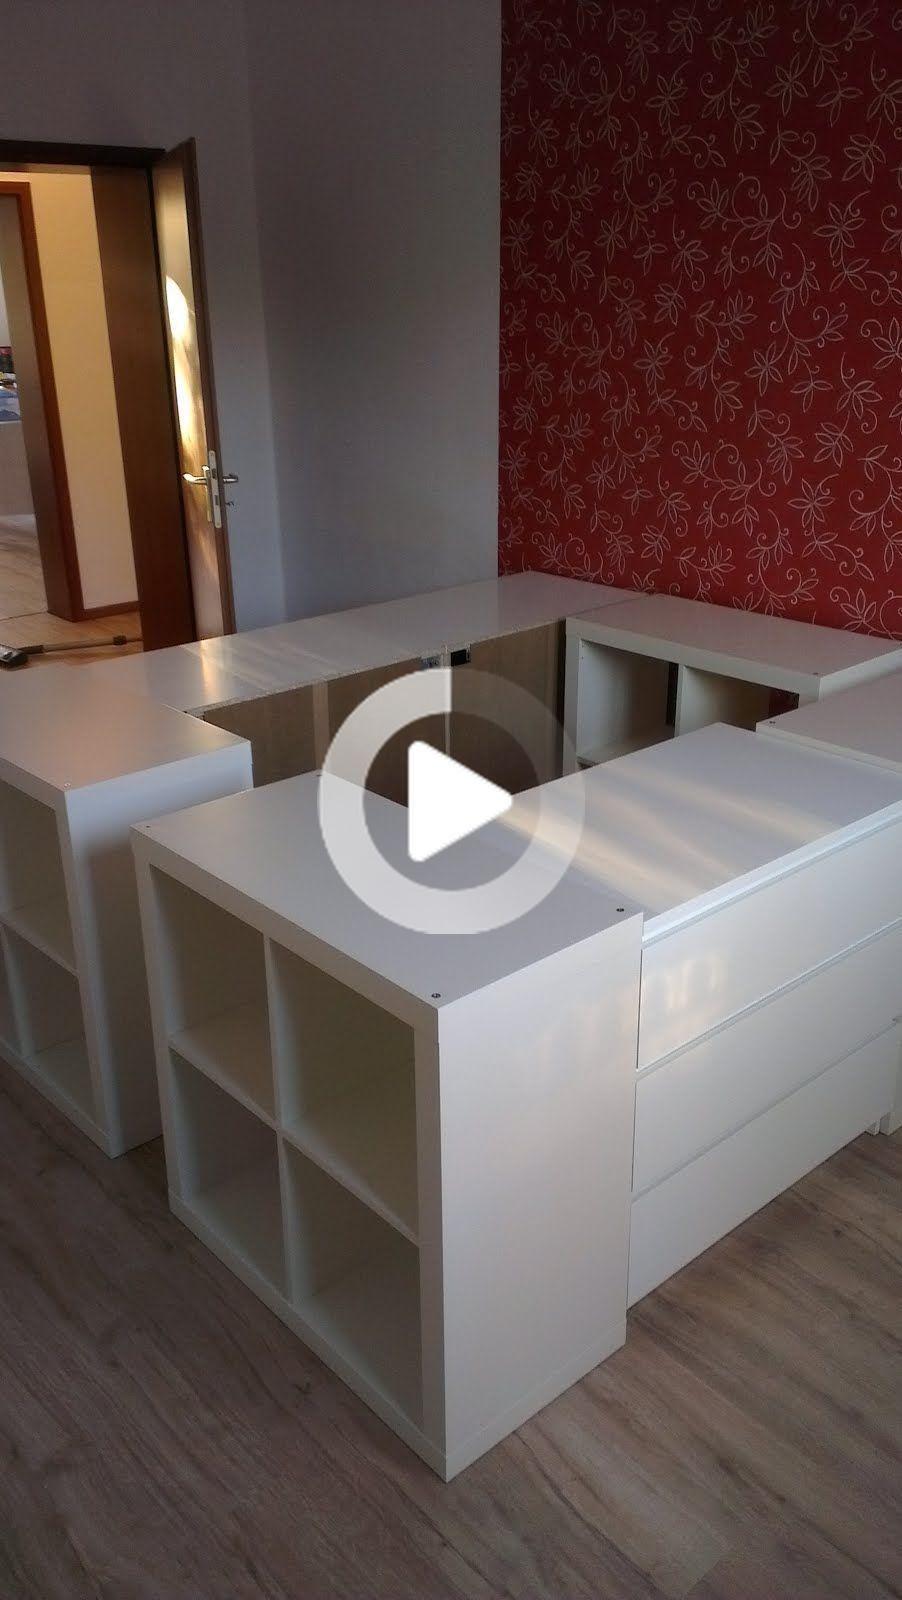 Ein Halbes Hochbett In 2020 Schlafzimmer Umgestalten Bett Mit Stauraum Ikea Hutte Schlafzimmer